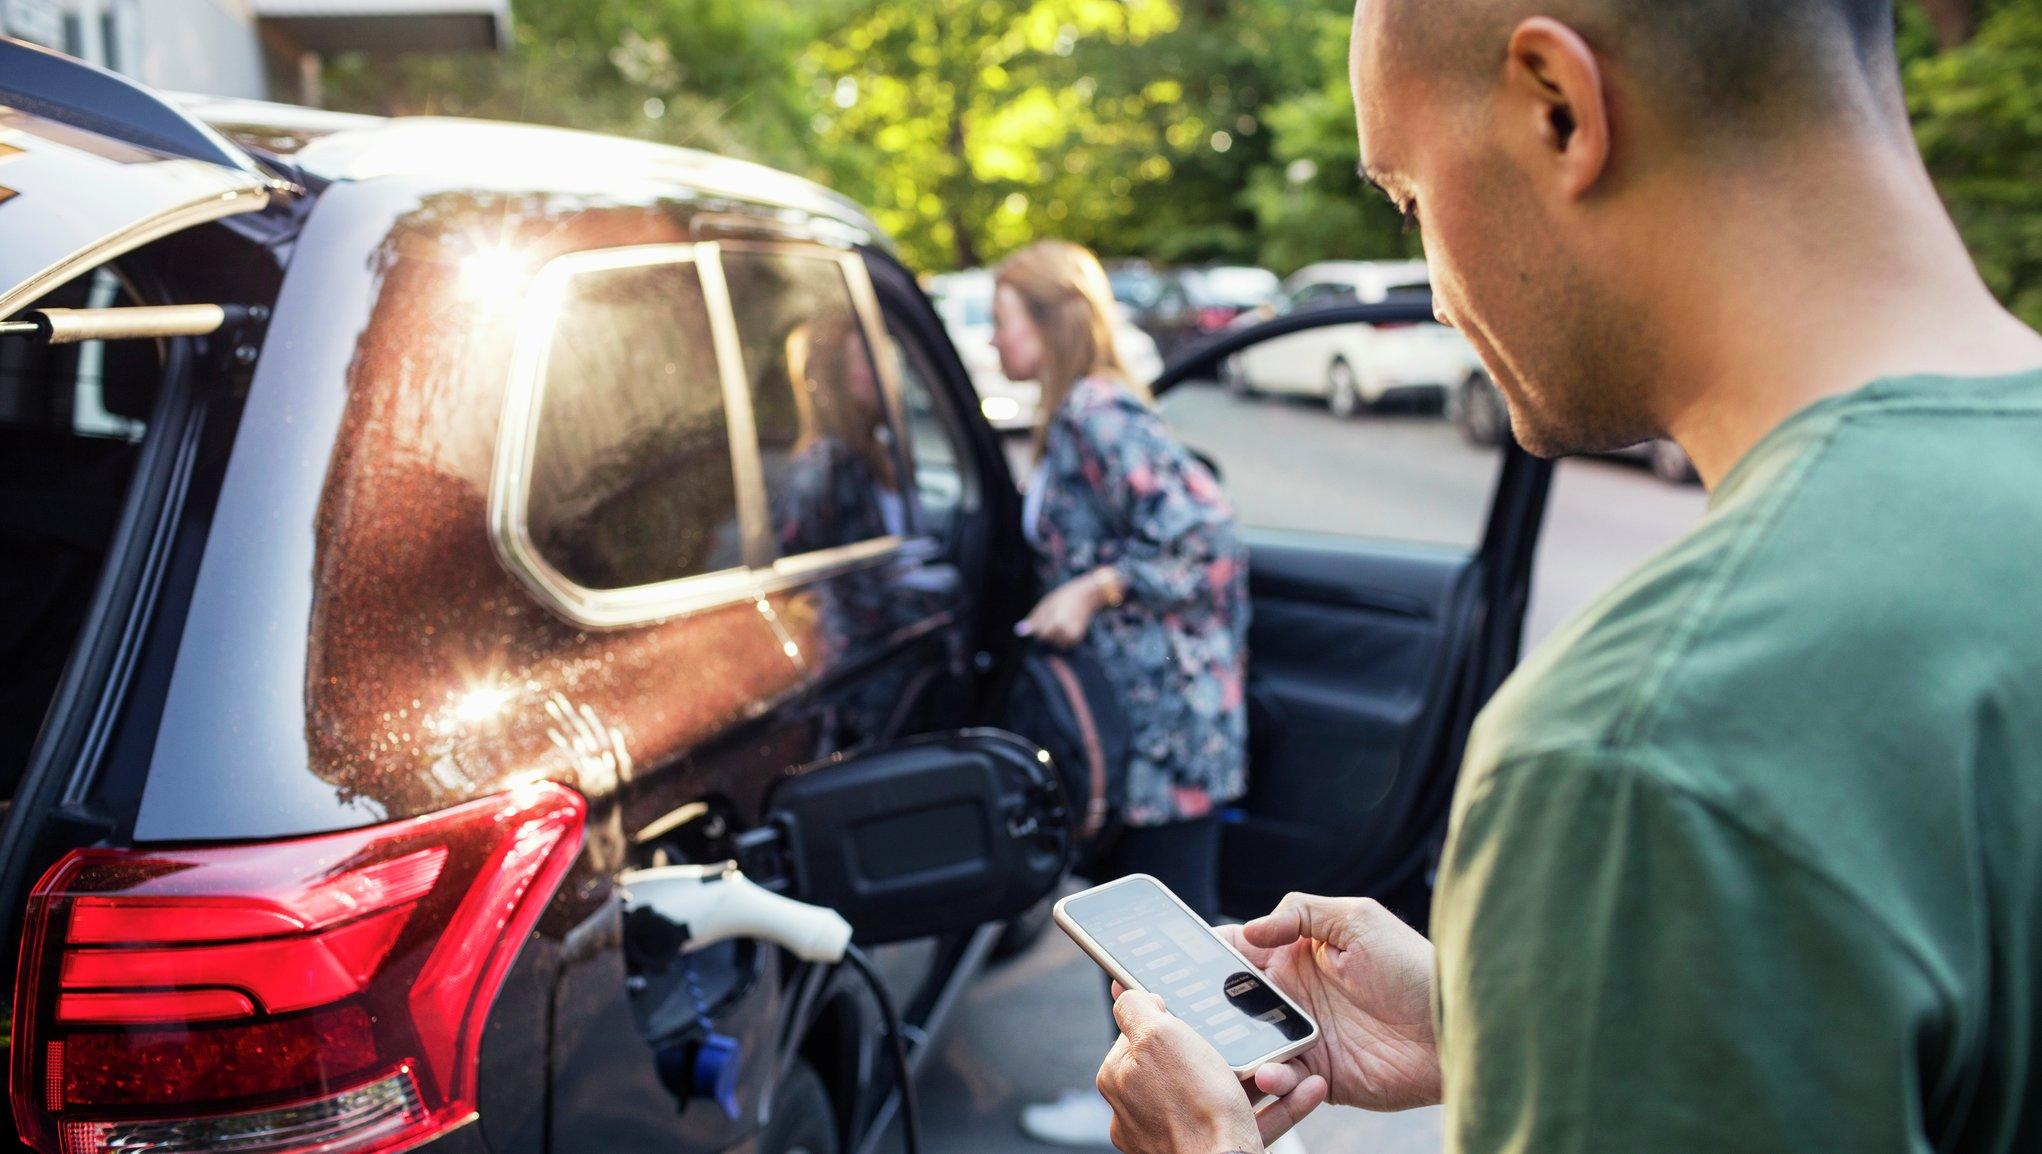 Mies käyttää älypuhelinta, taustalla auto latauksessa ja nainen